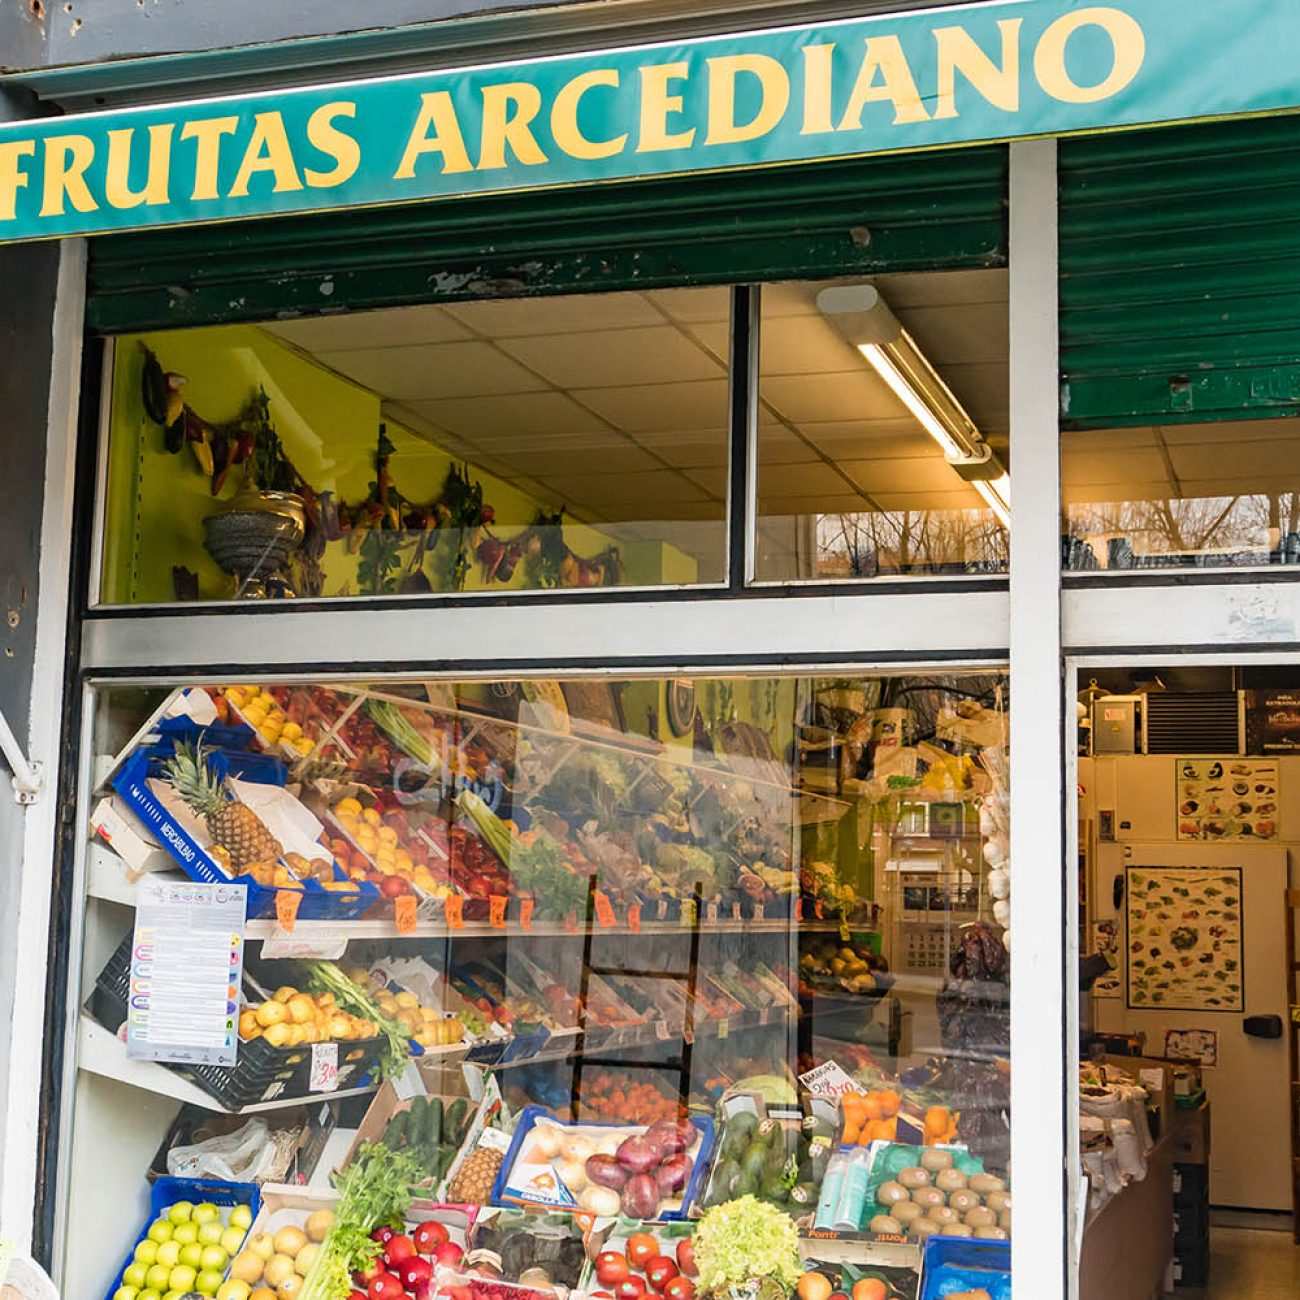 FRUTAS ARCEDIANO